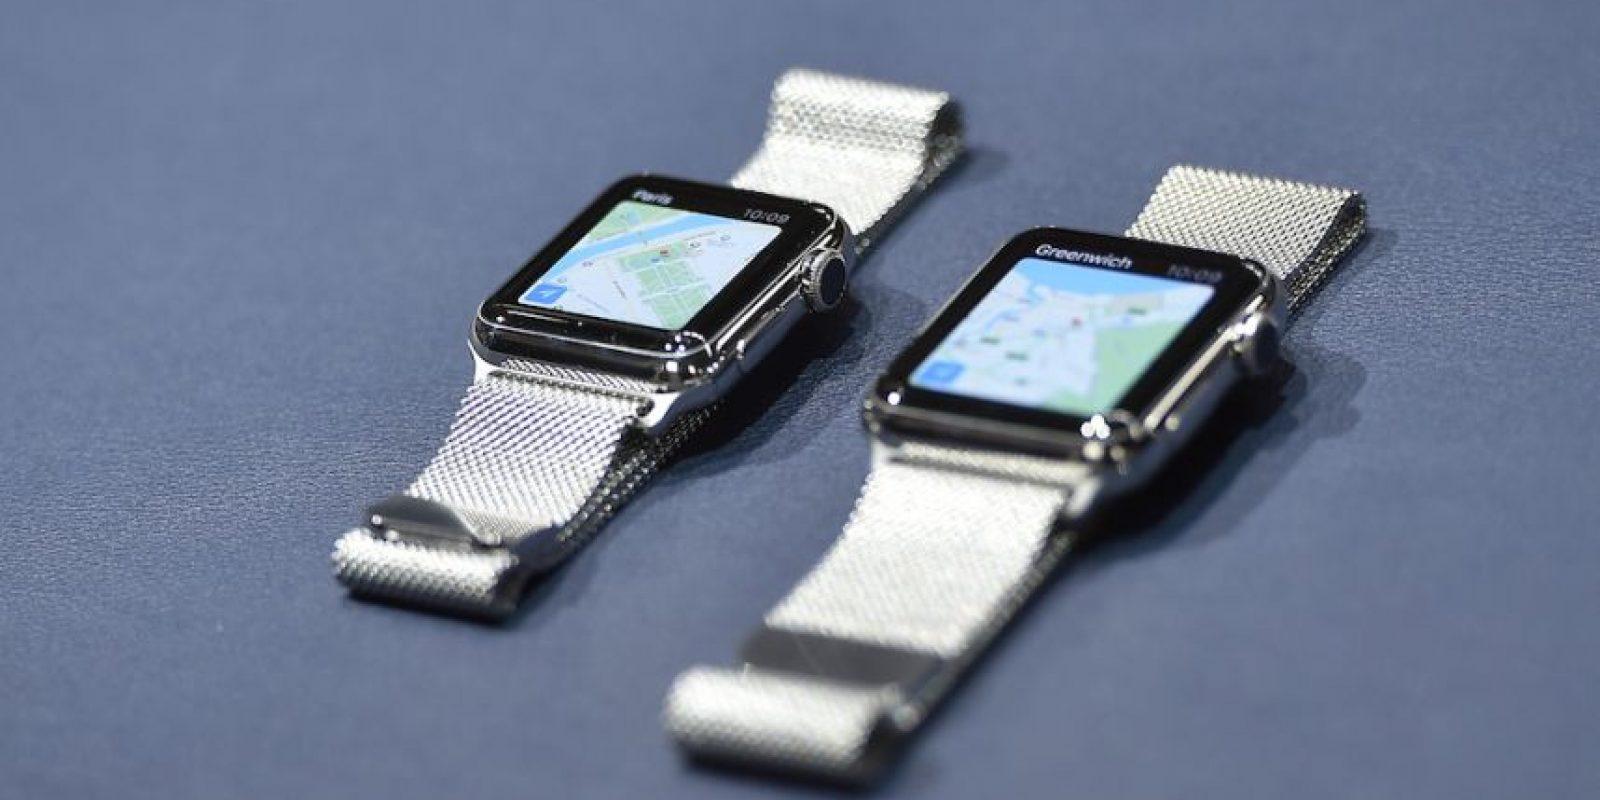 Apple Watch comenzará a venderse el 24 de abril, pero no todos tendrán uno de los dispositivos. Foto:Getty Images